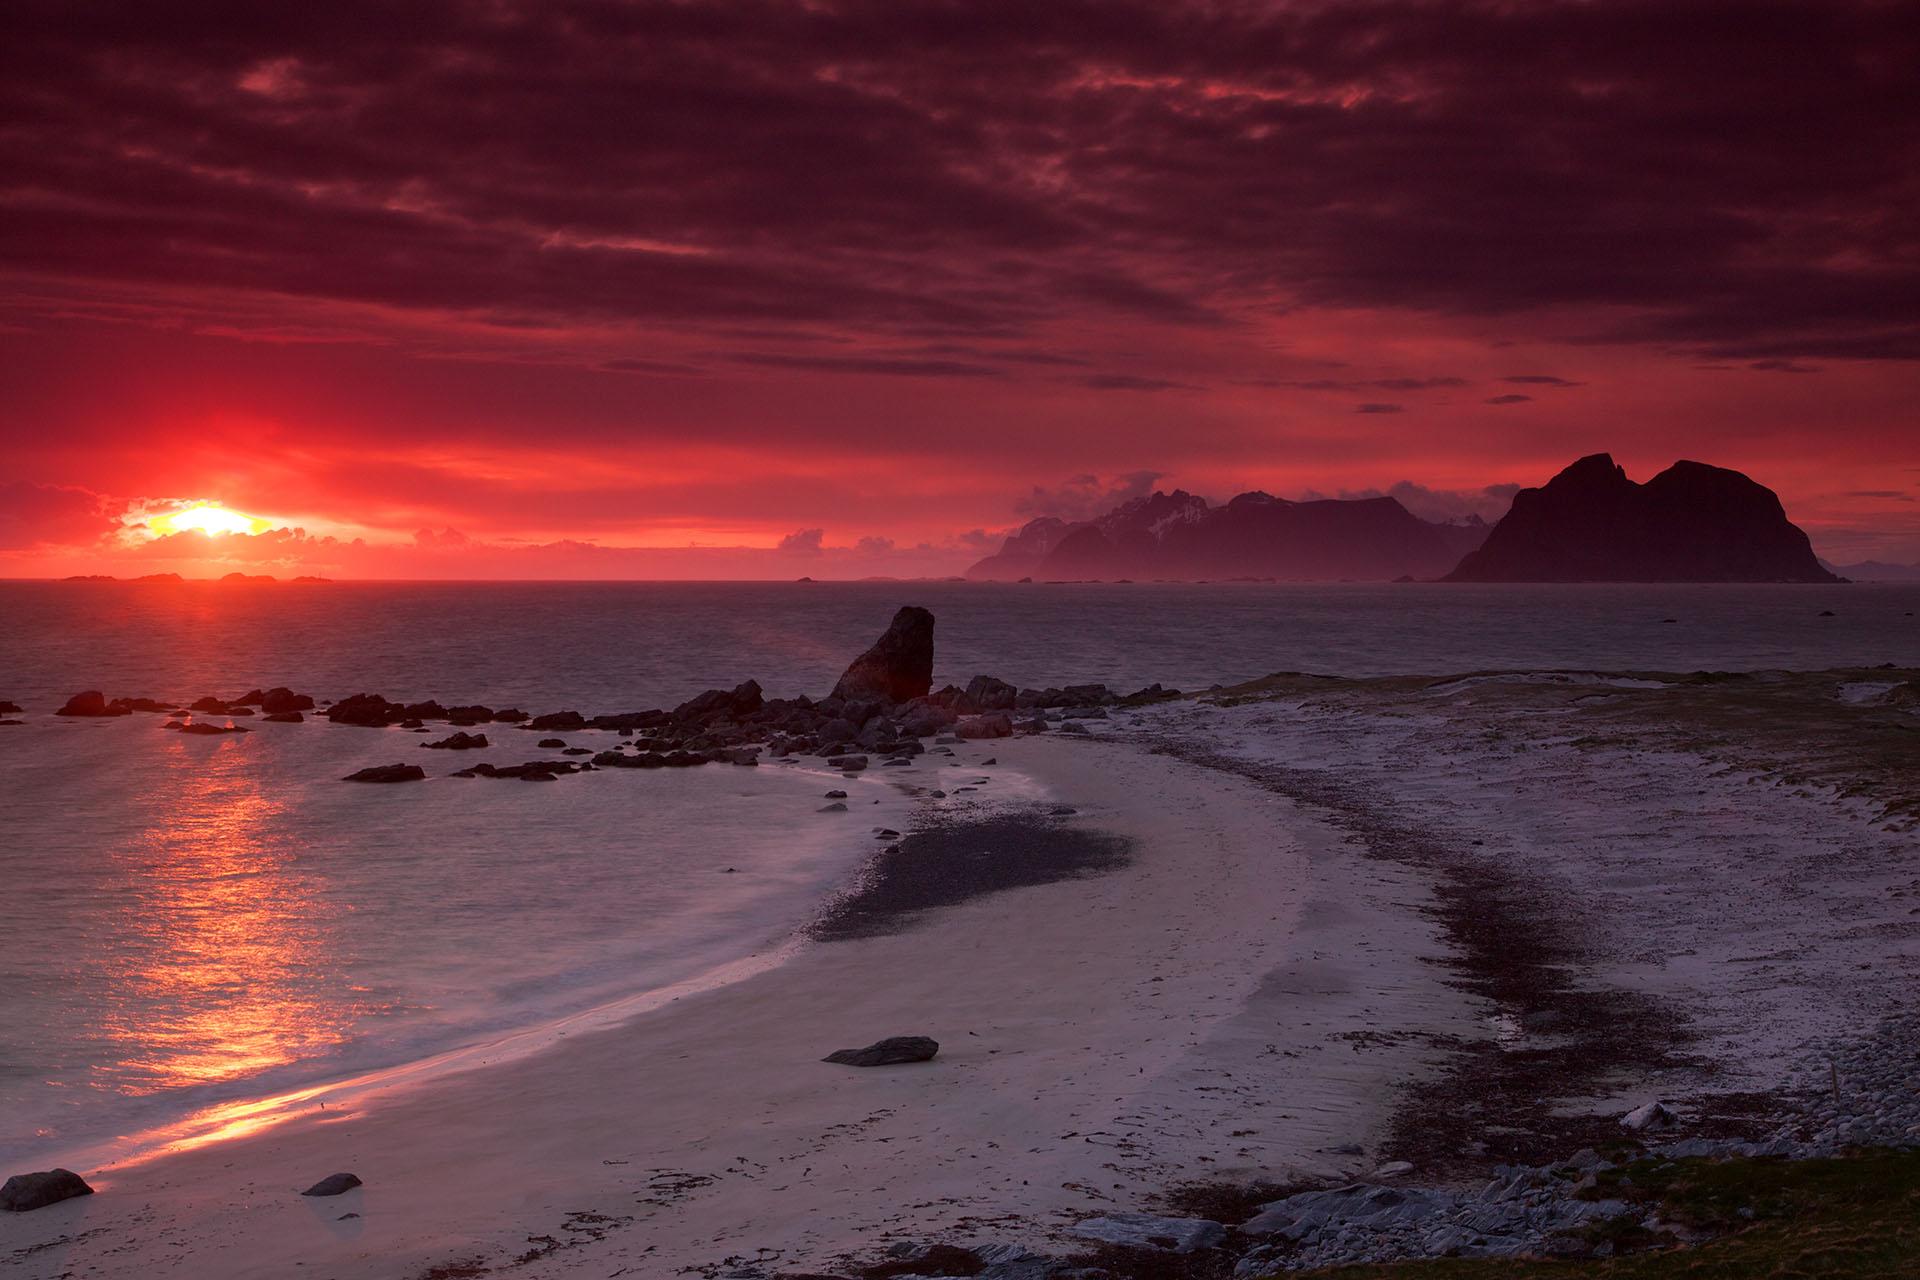 La remota playa de Vaeroy se encuentra en una isla que pertenece al archipiélago de Lofoten. Las increíbles vistas de la costa desde la cima de los acantilados son impresionantes y aclamados por los turistas que lo visitan